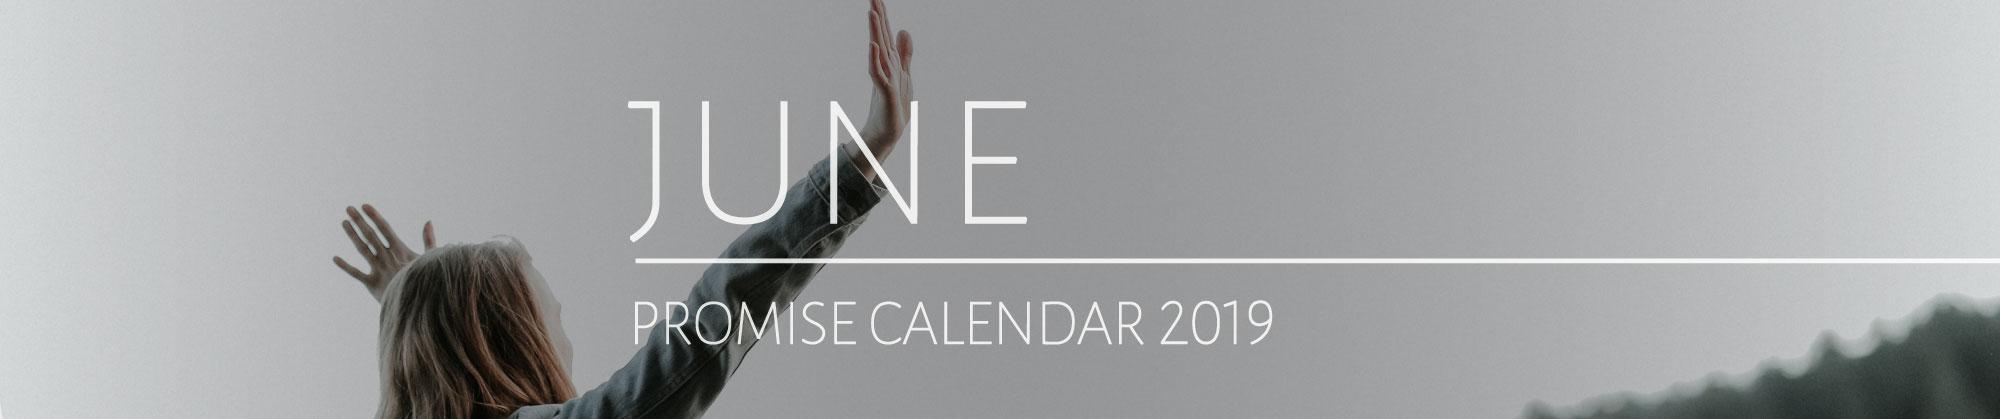 June 2019 Promise Calendar Header